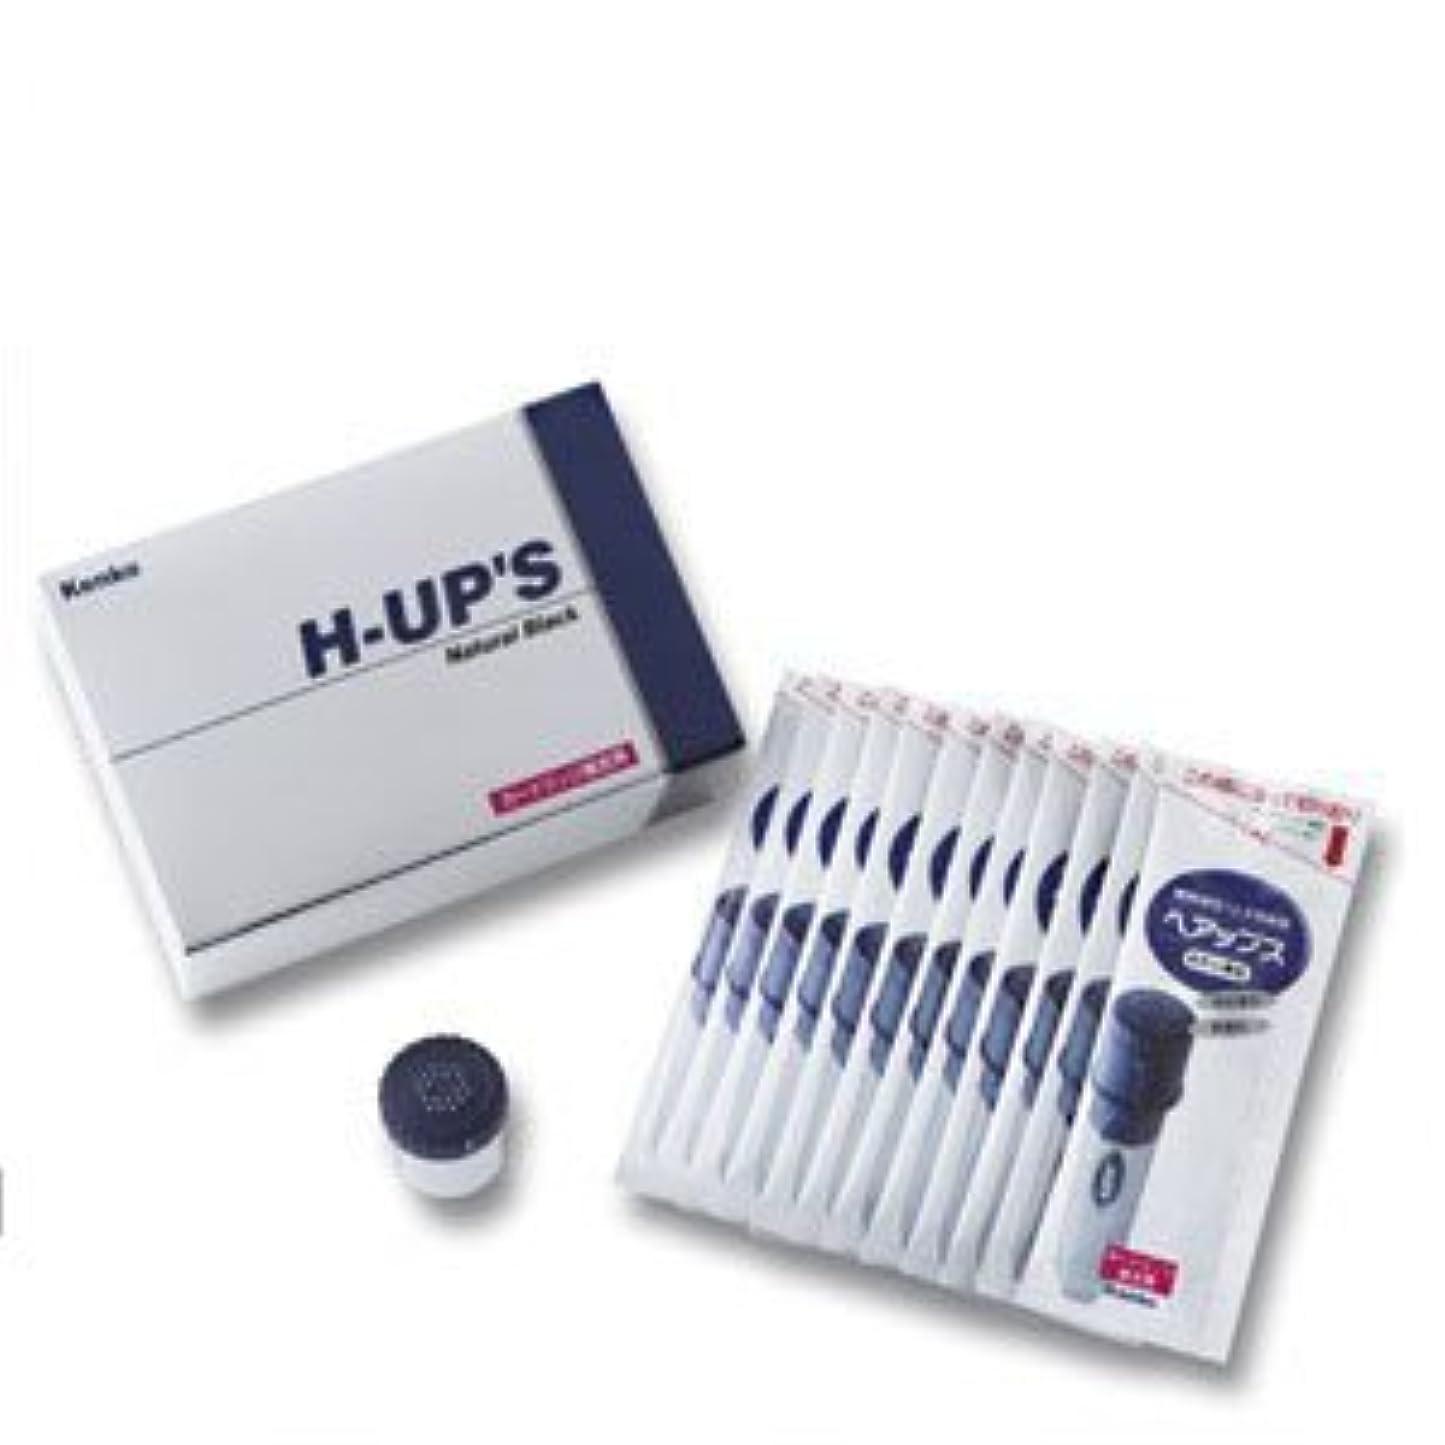 呪い減衰医学H-UP S ヘアップス 補充用カートリッジ 頭皮薄毛カバー粉末 ブラウン